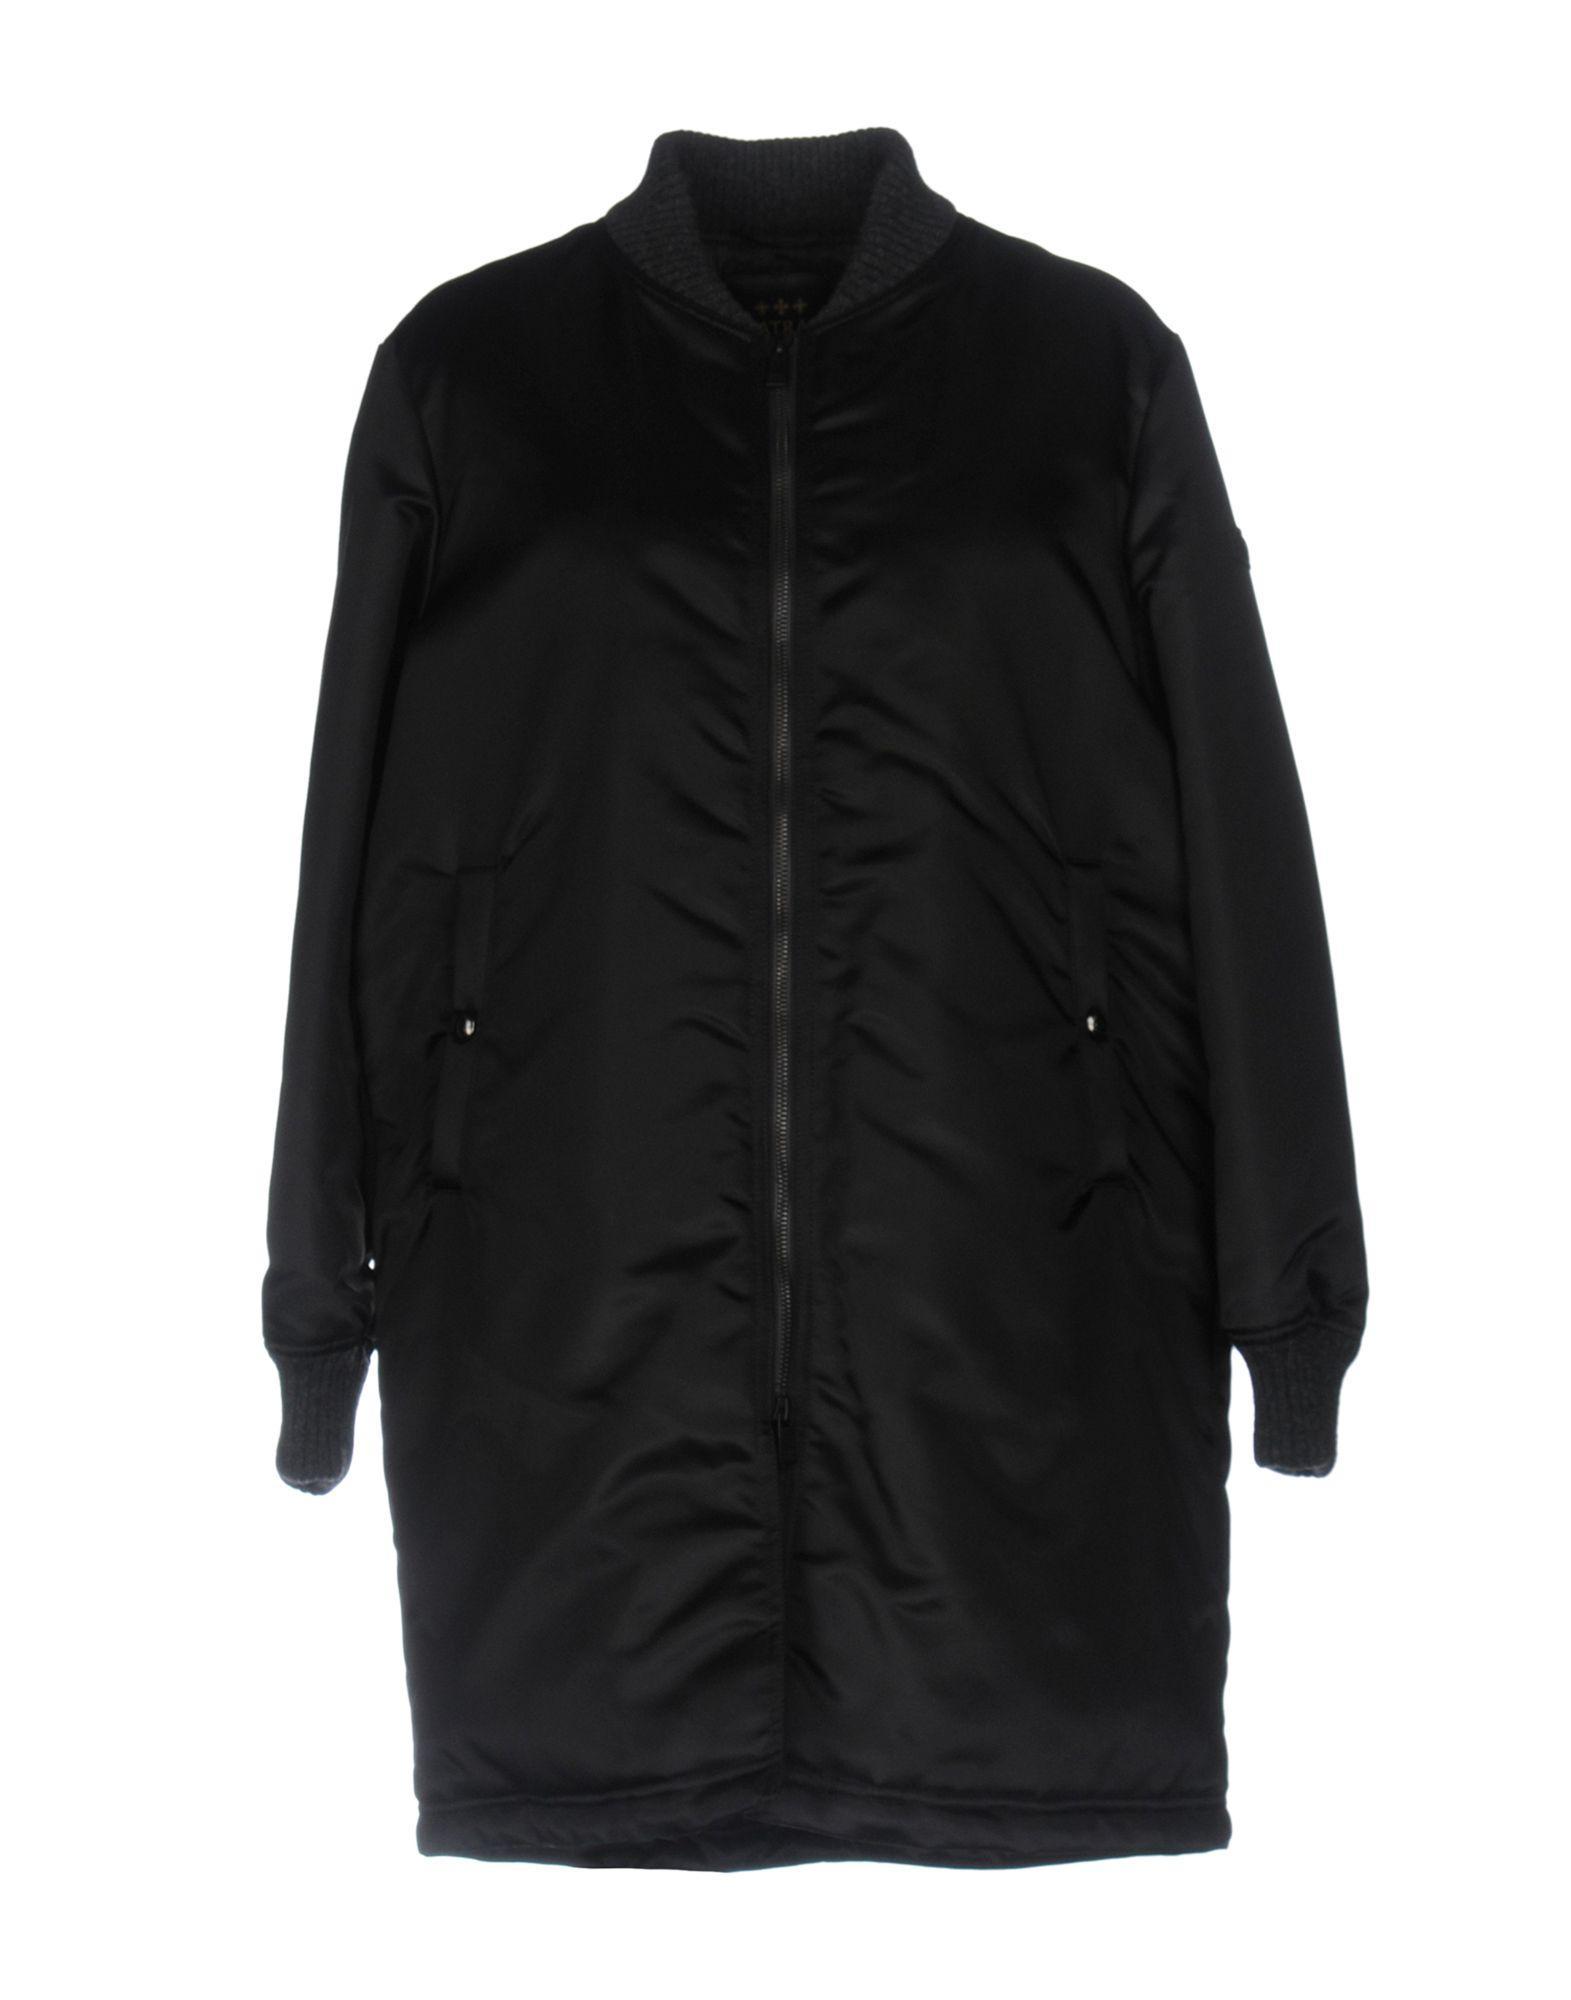 Tatras Down Jackets In Black